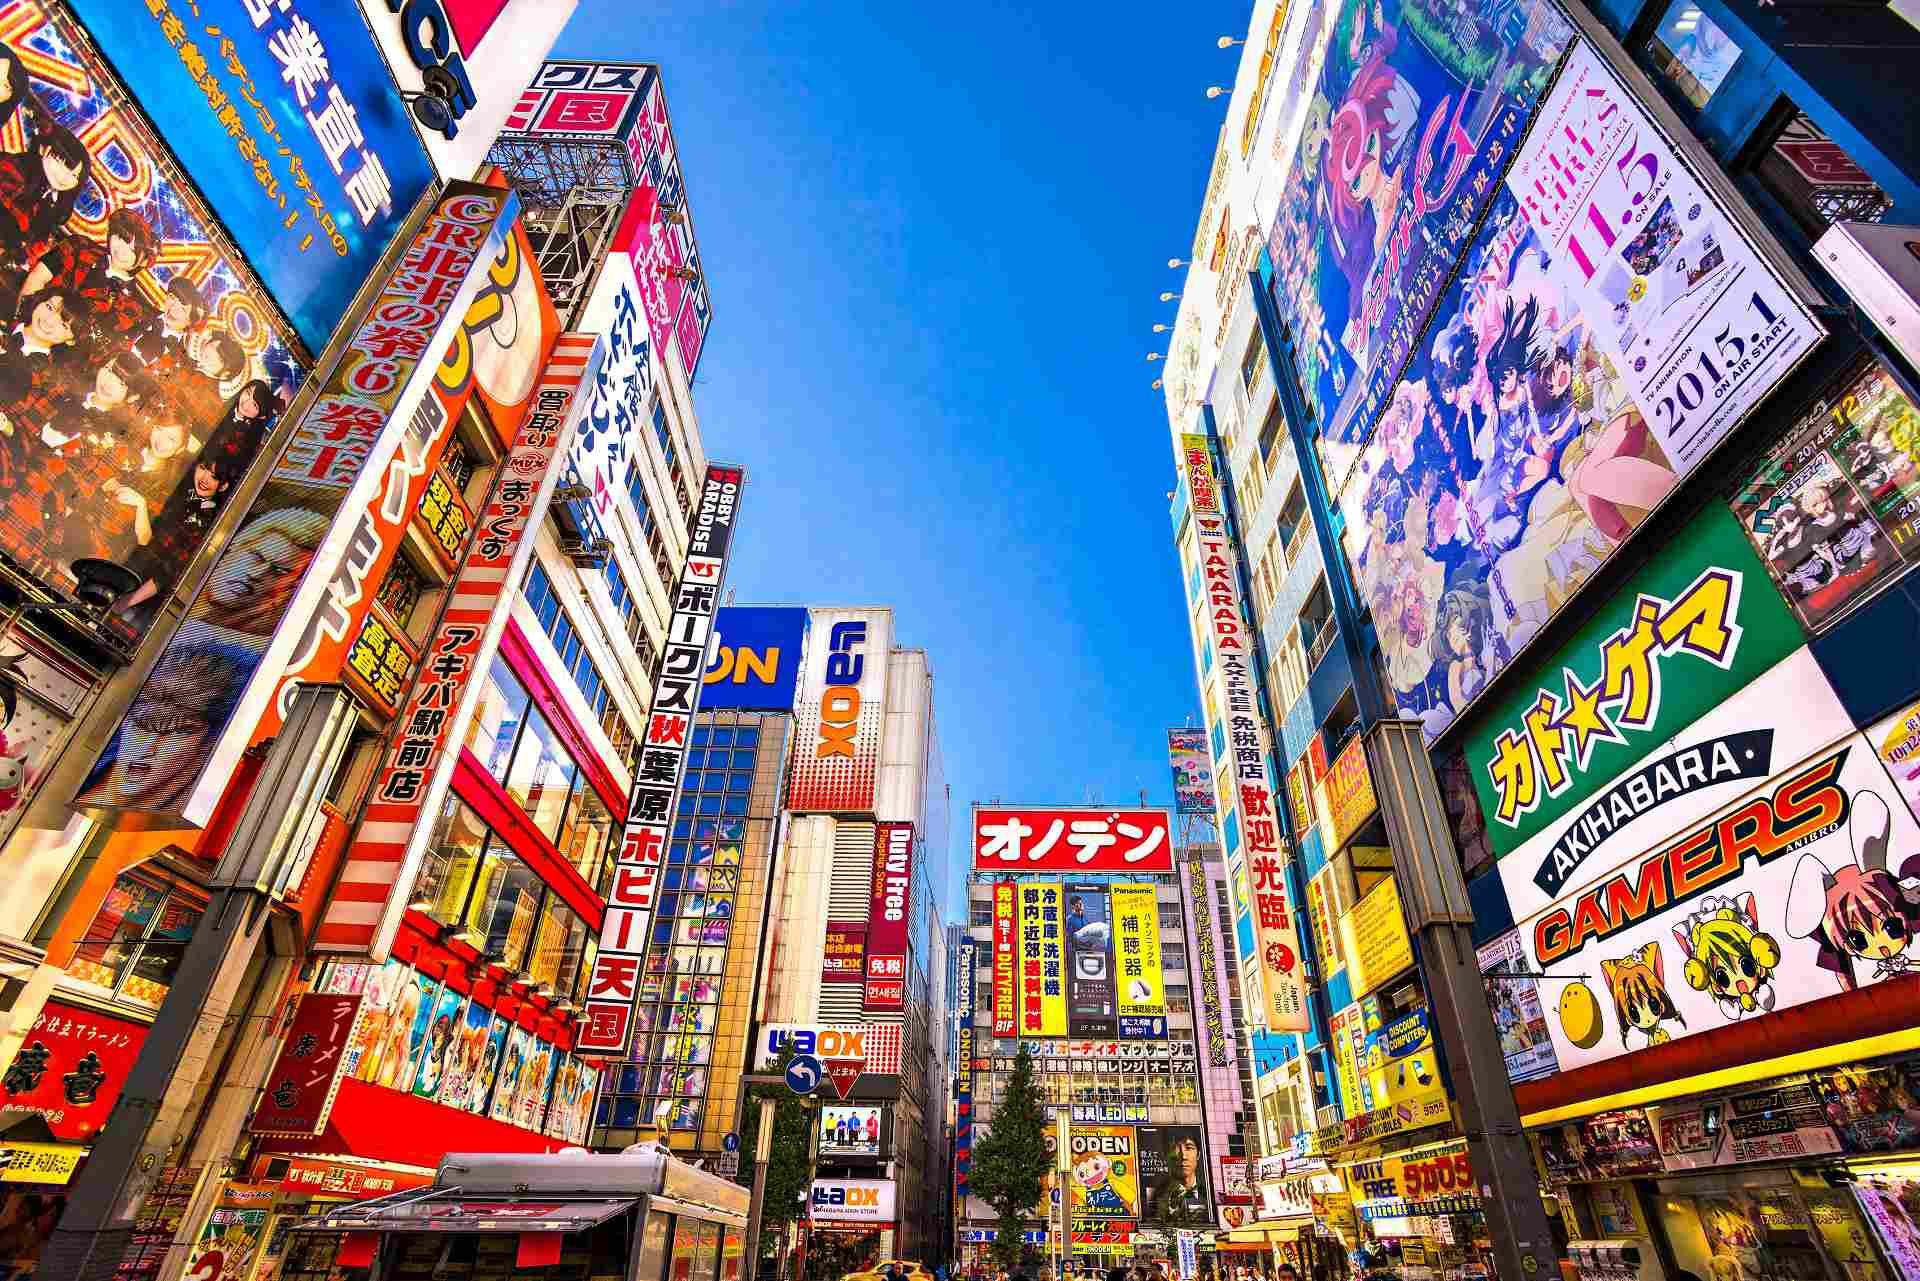 Japan: Urheberrechts-Reform könnte Re-Releases erleichtern